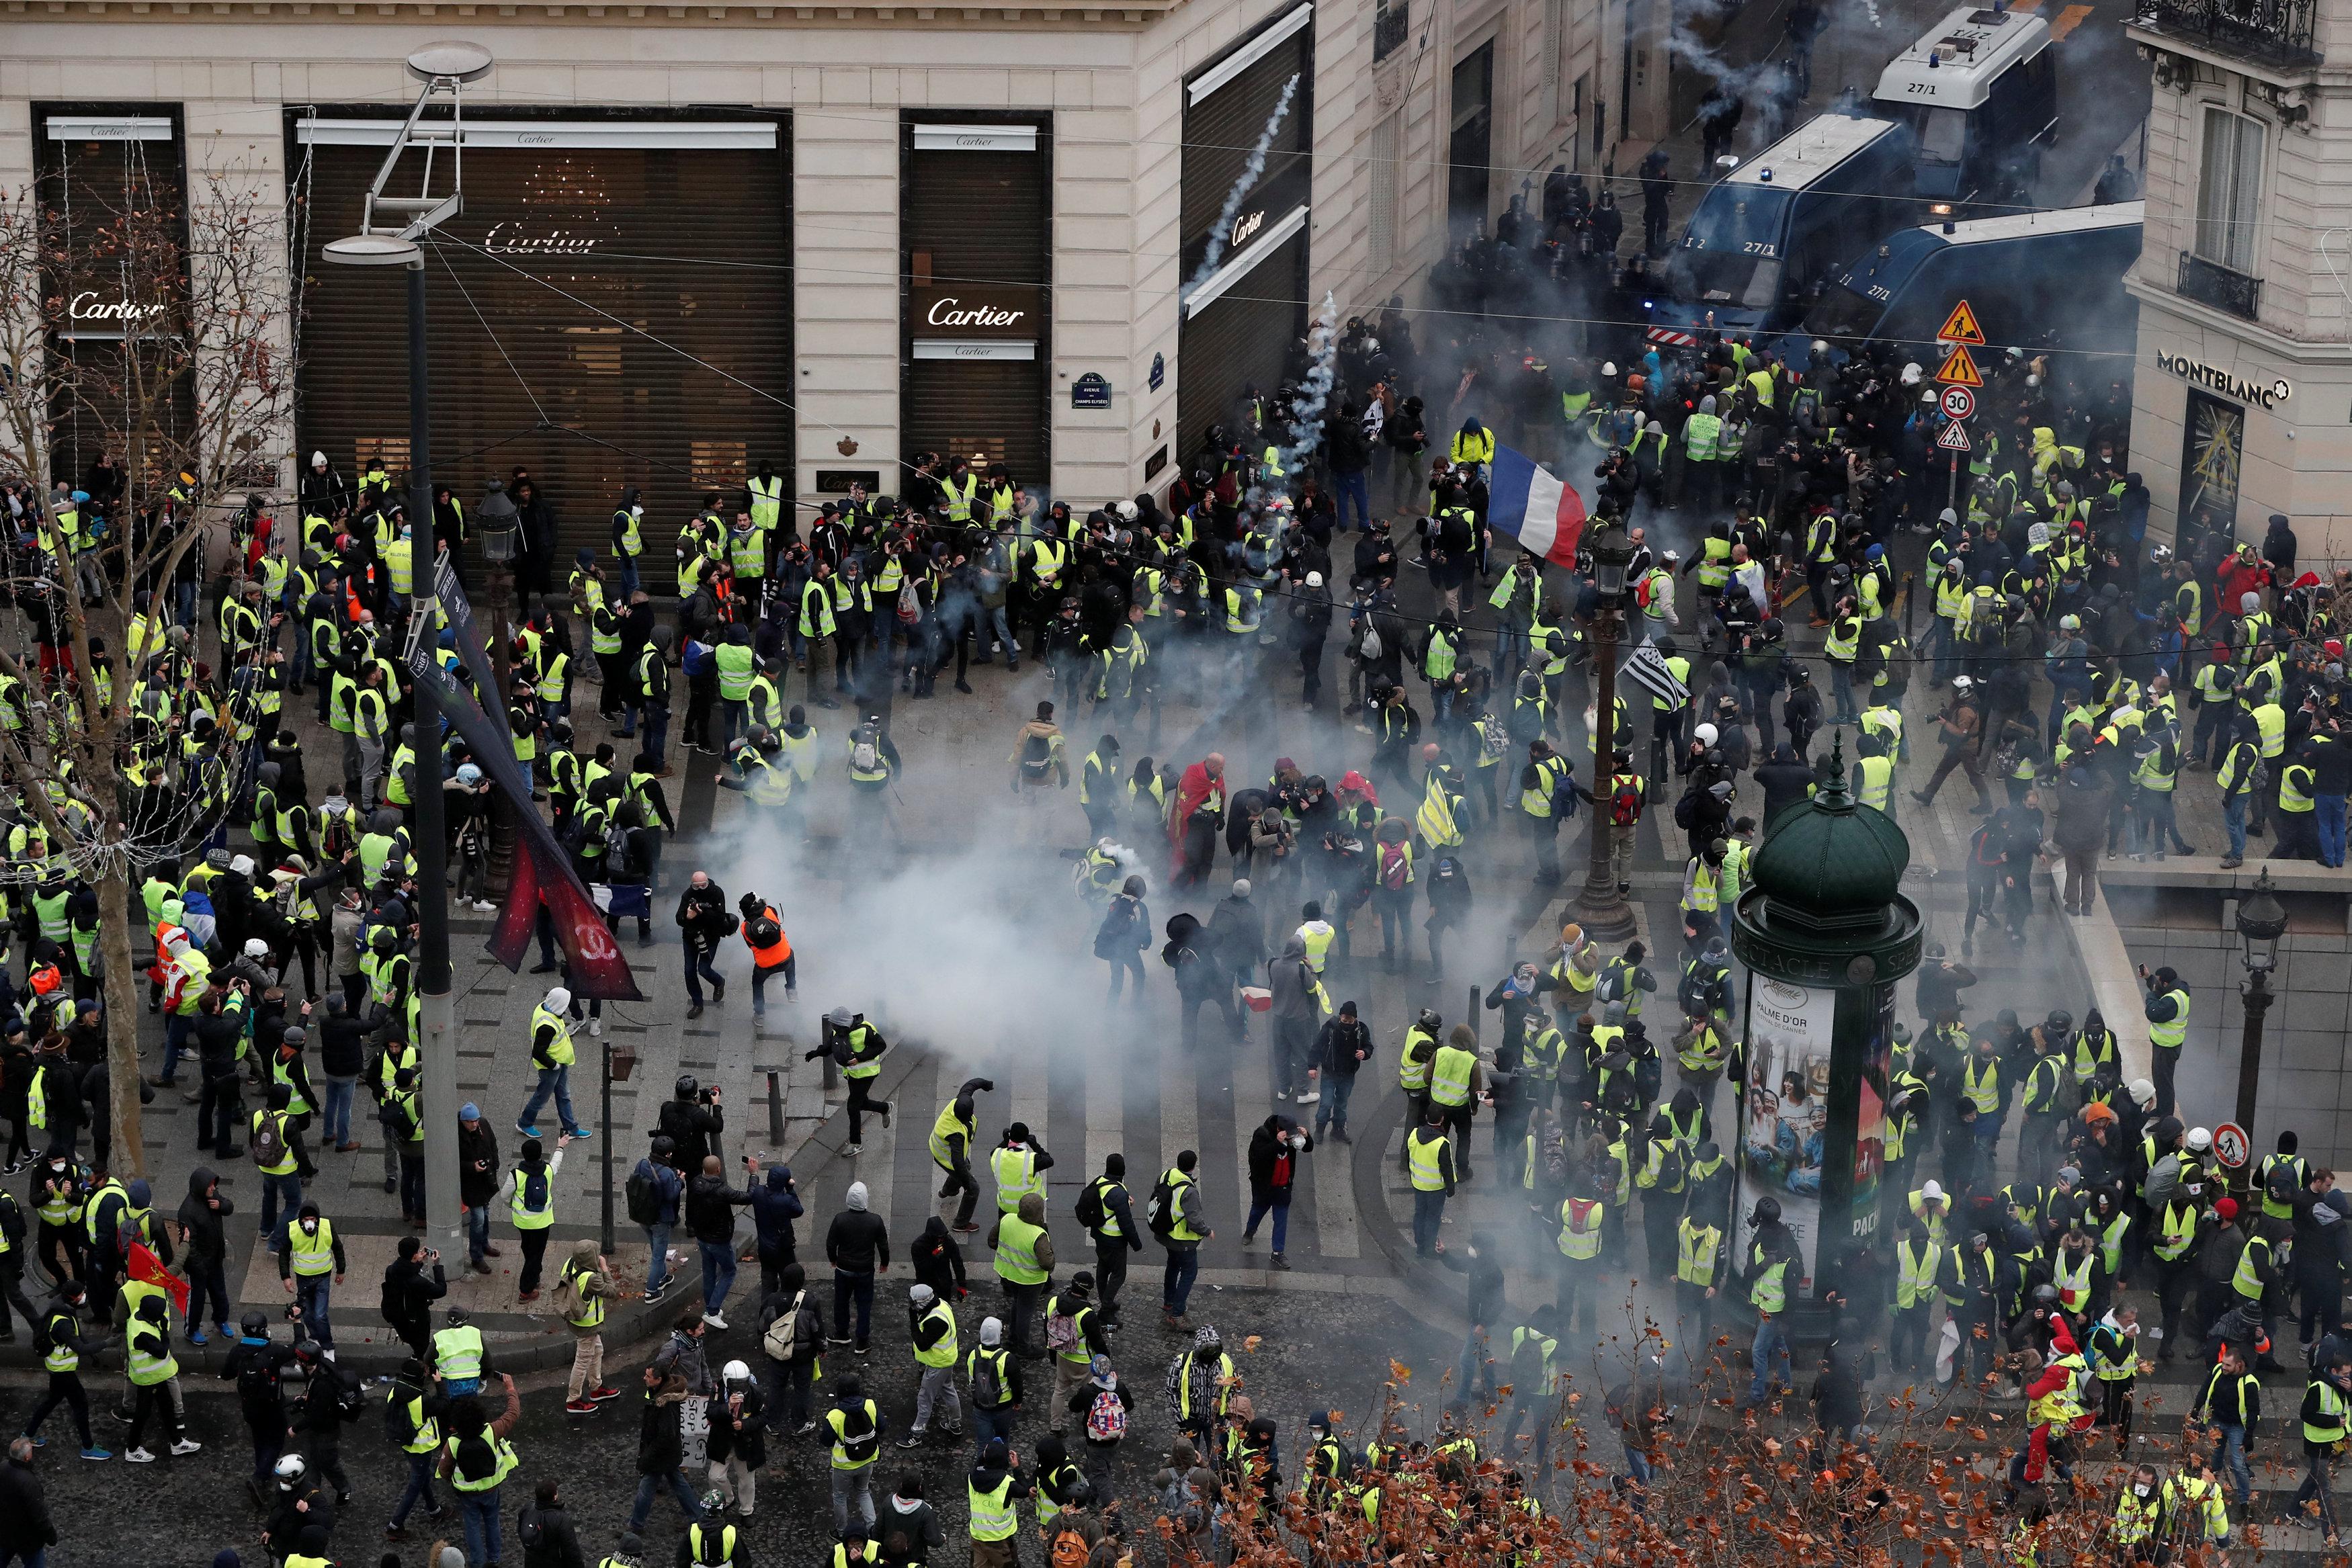 الشرطة الفرنسية تطلق الغز على المتظاهرين